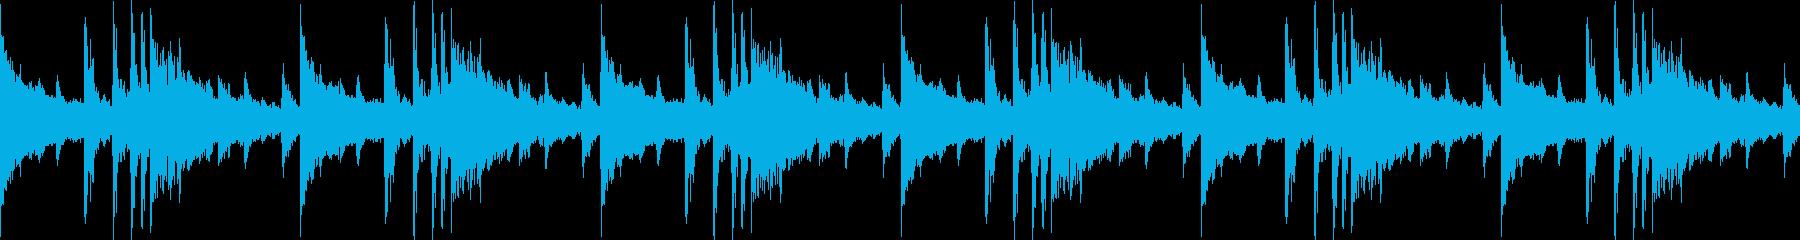 ガンスリンガーループの再生済みの波形